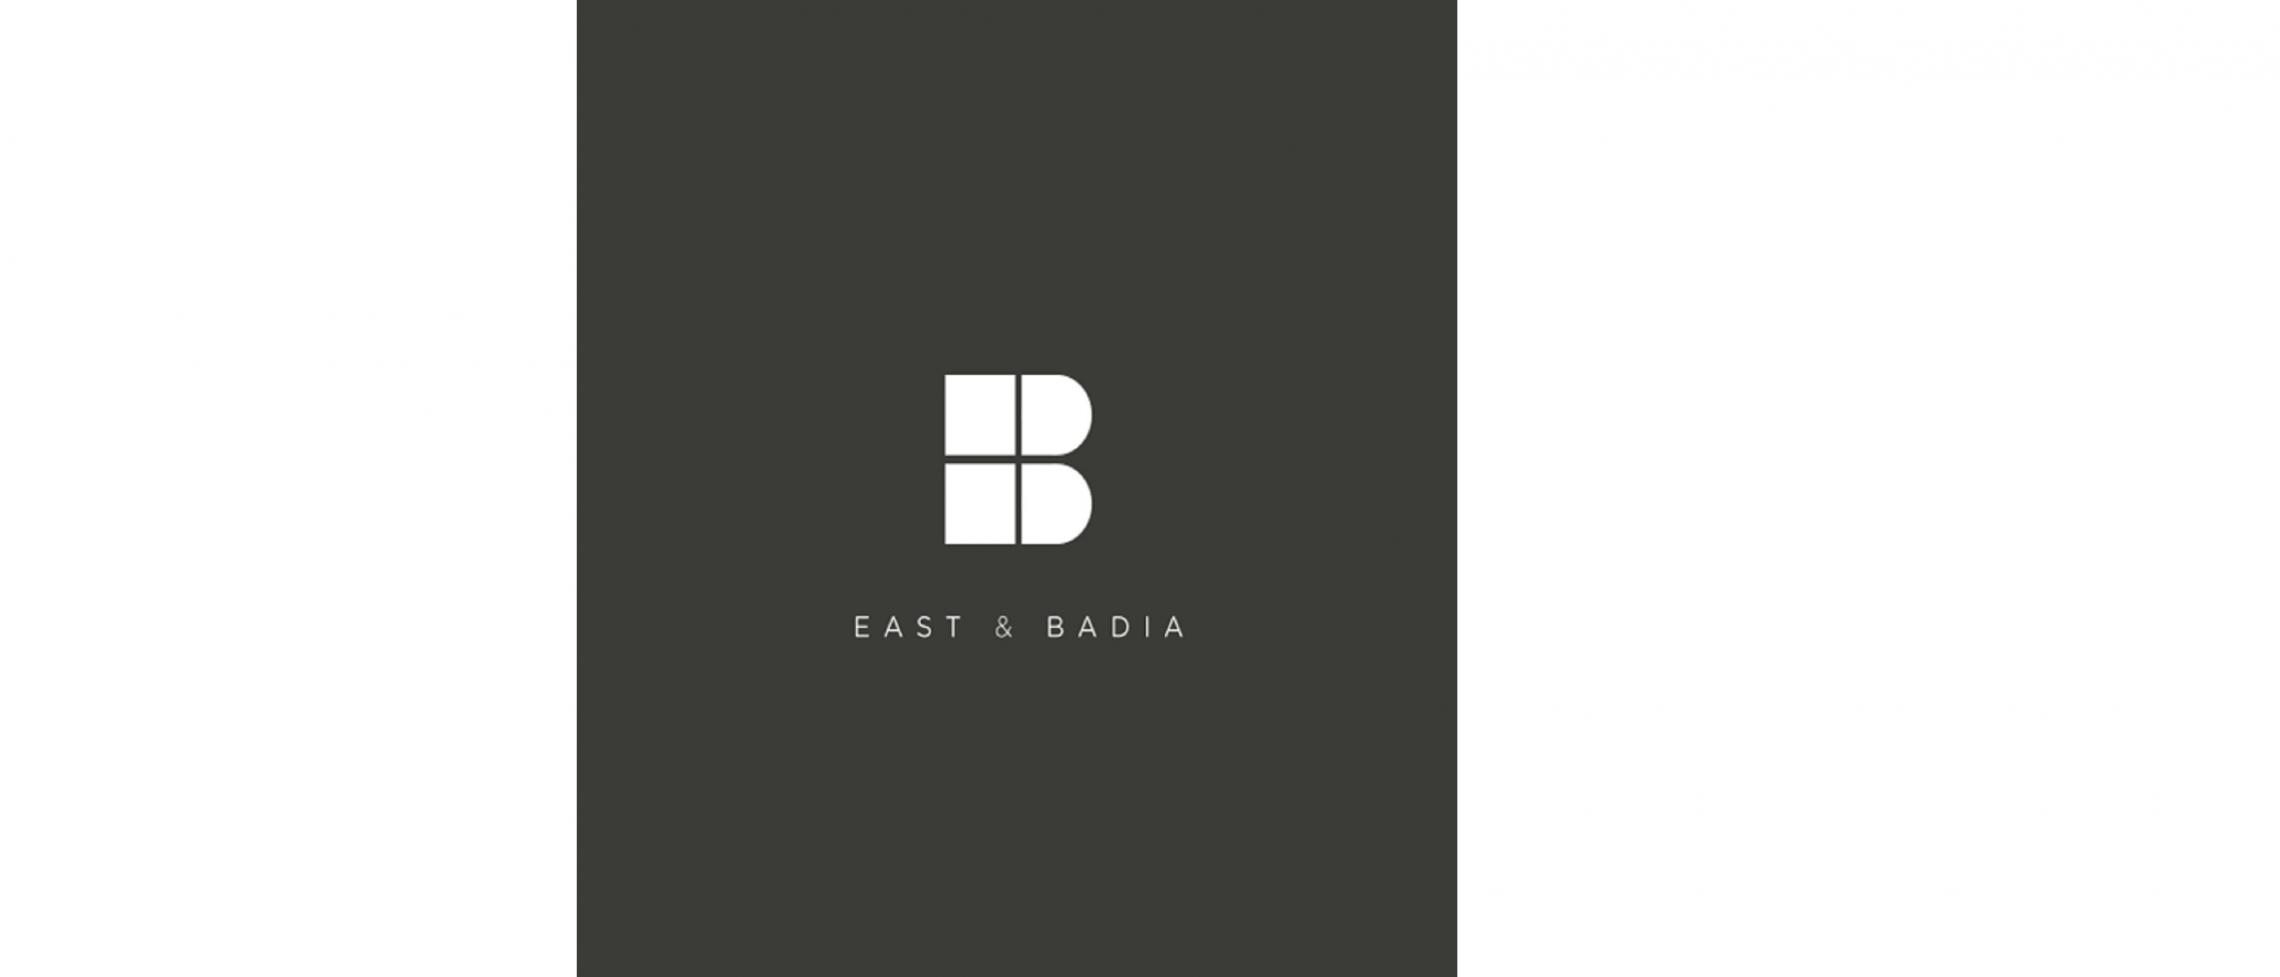 East and Badia Facial Plastics